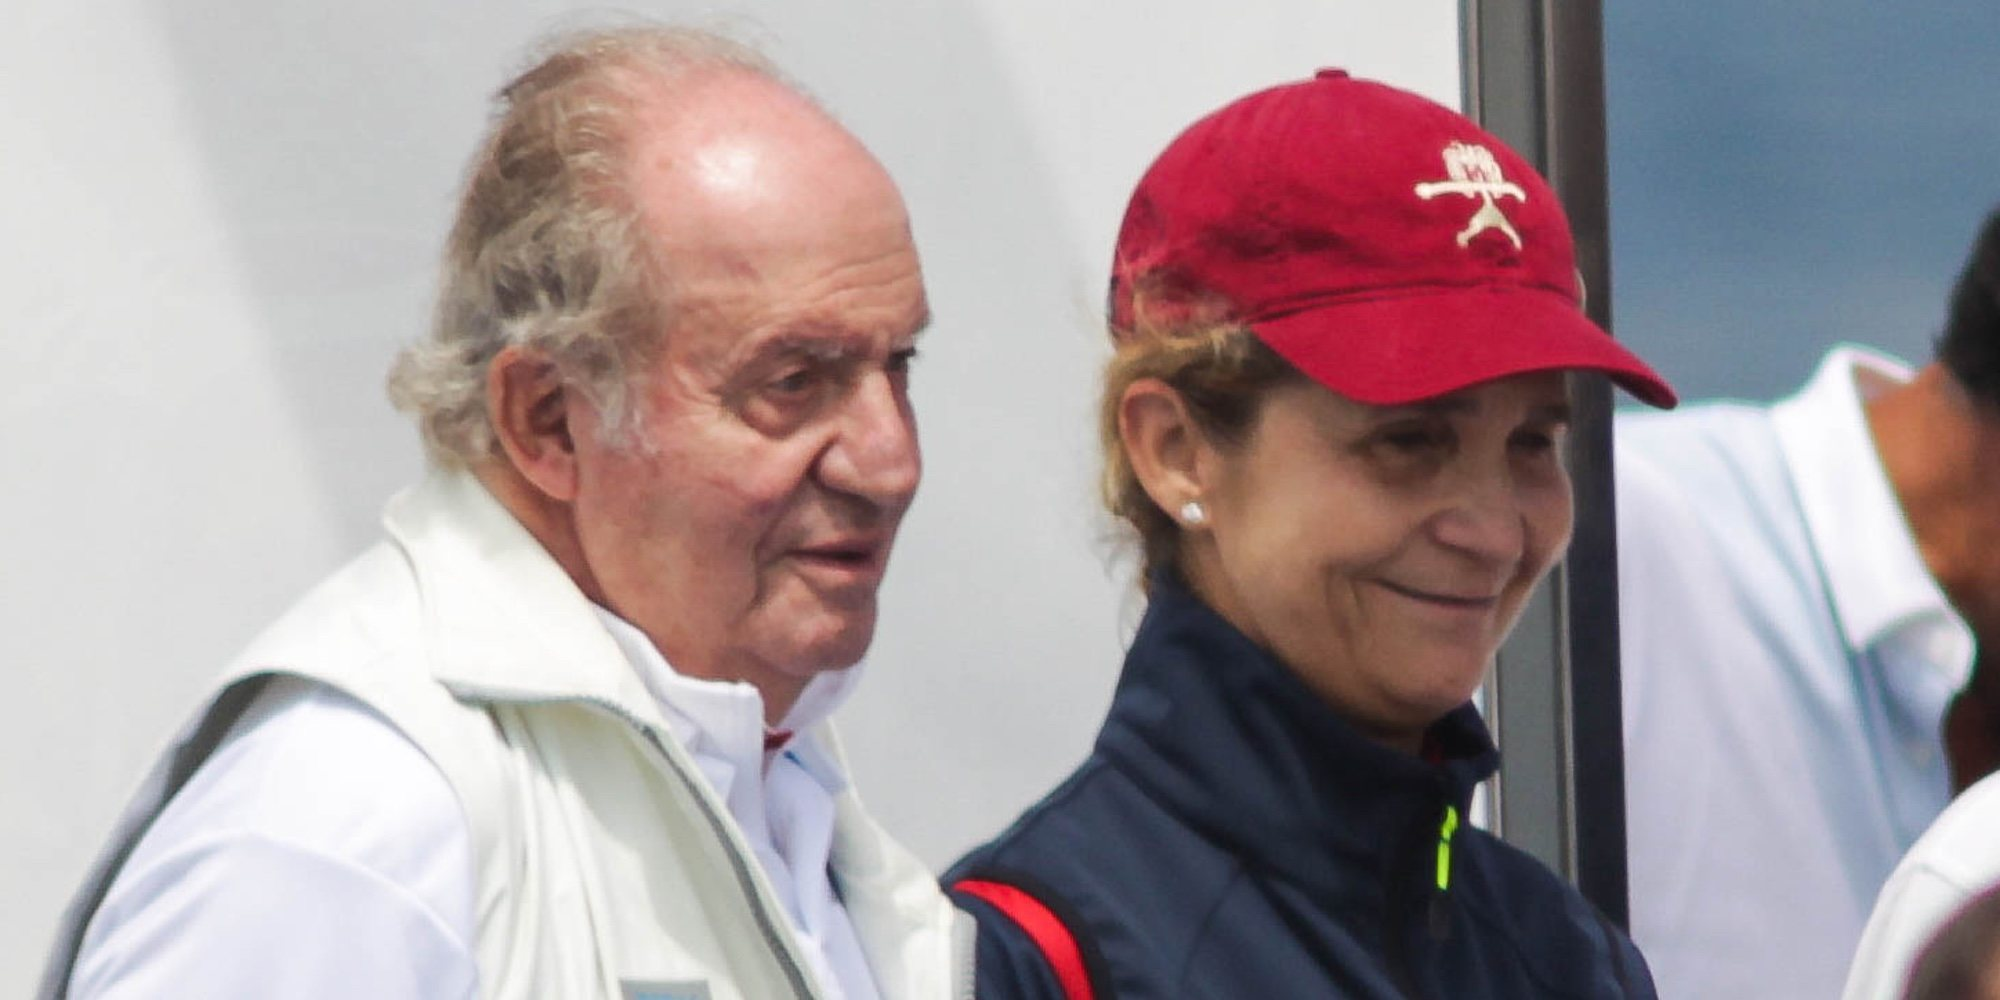 El Rey Juan Carlos gana las regatas de Sanxenxo con el apoyo incondicional de la Infanta Elena